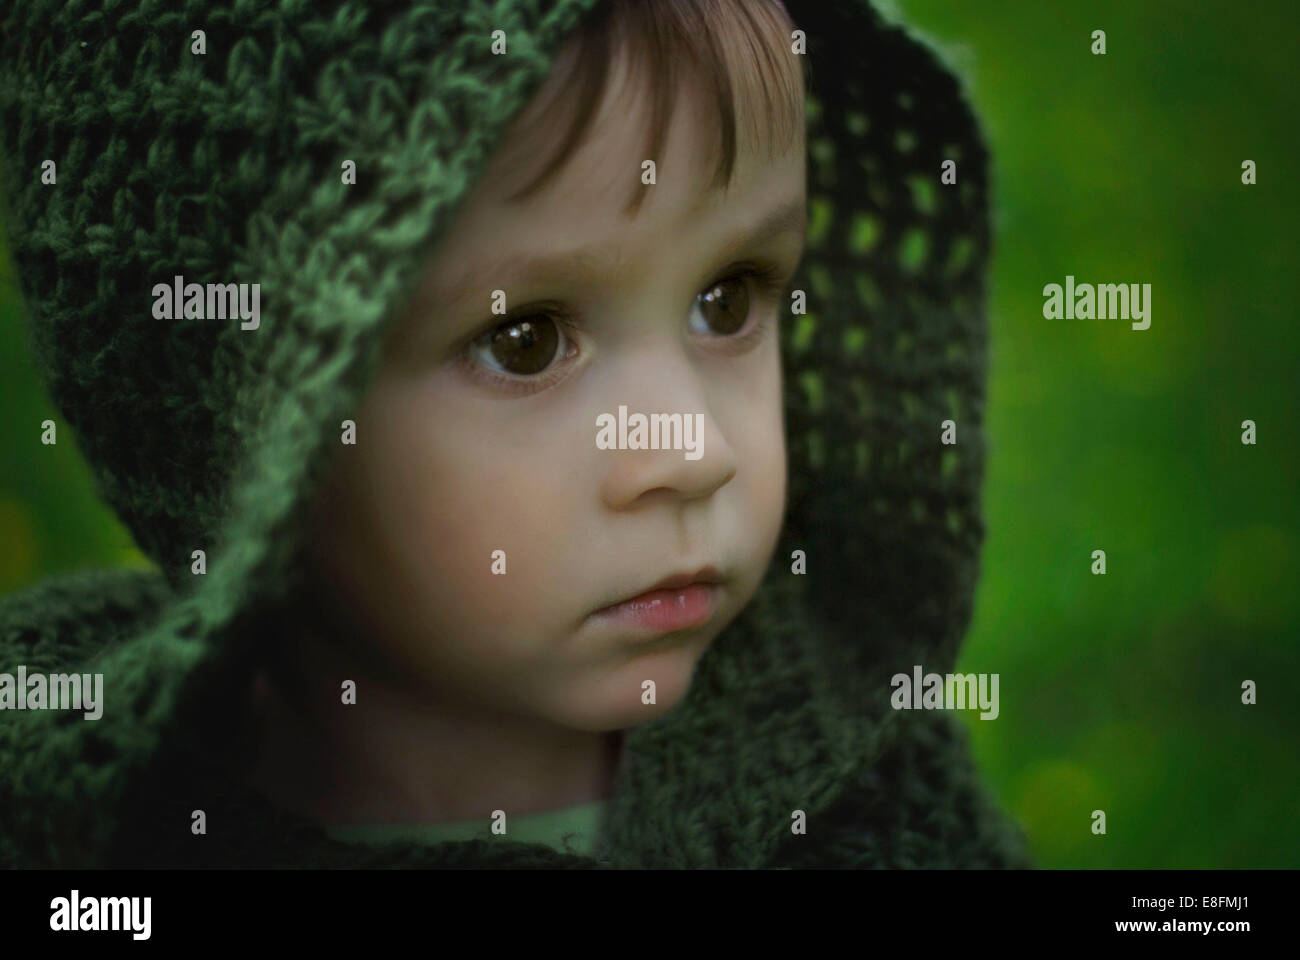 Polonia, Retrato de Baby Boy en cubierta verde Imagen De Stock